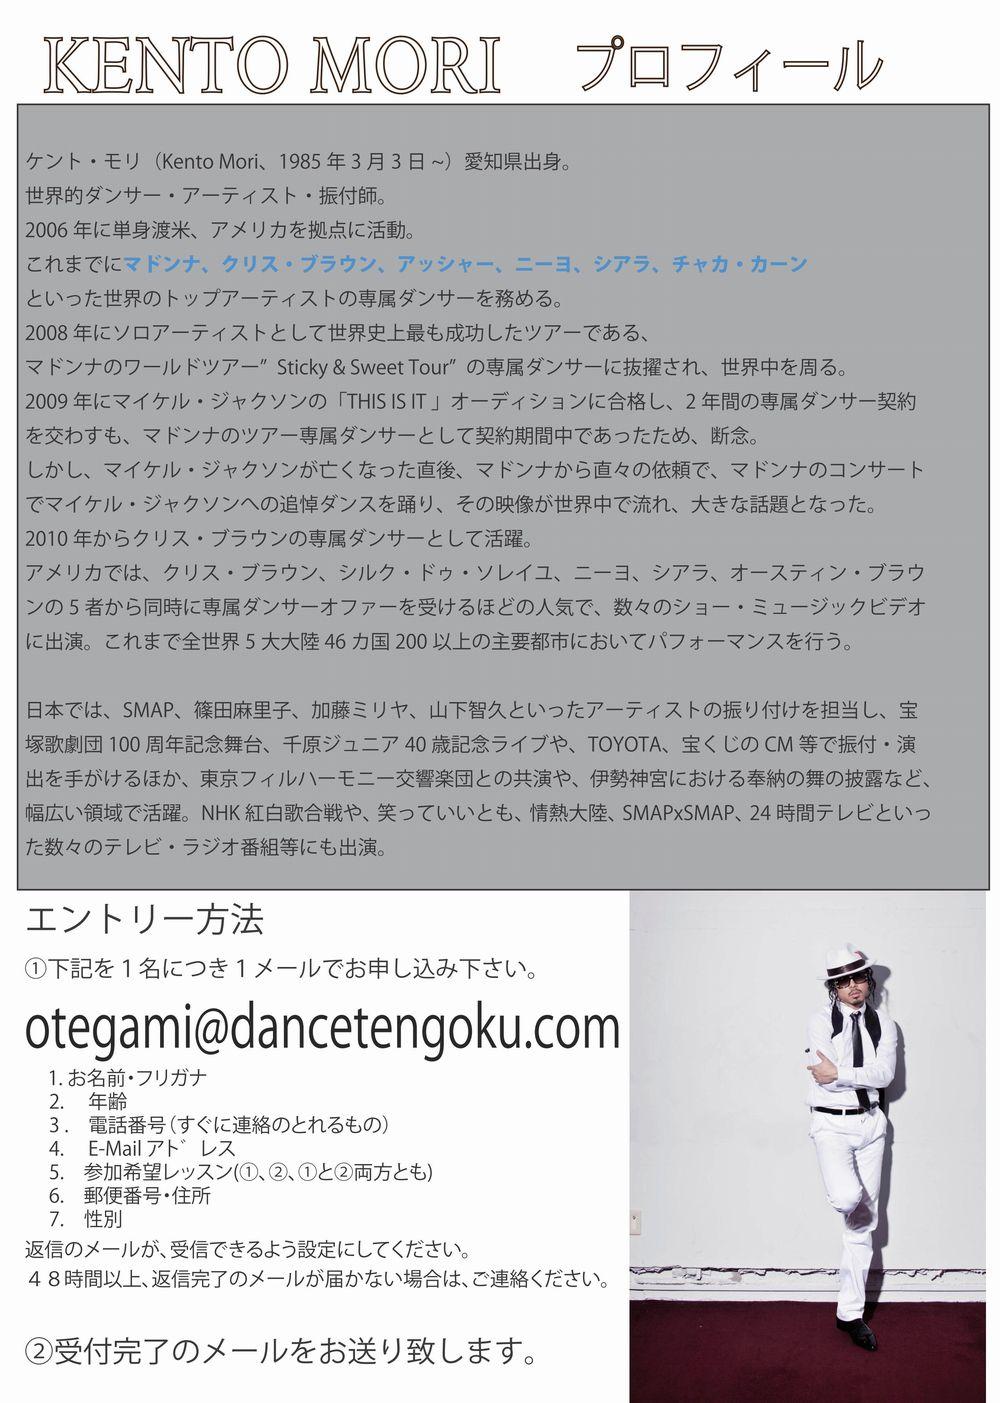 「ケント・モリ」ワークショップ@ダンス天国・浜松市野店6月15日(日)開催!